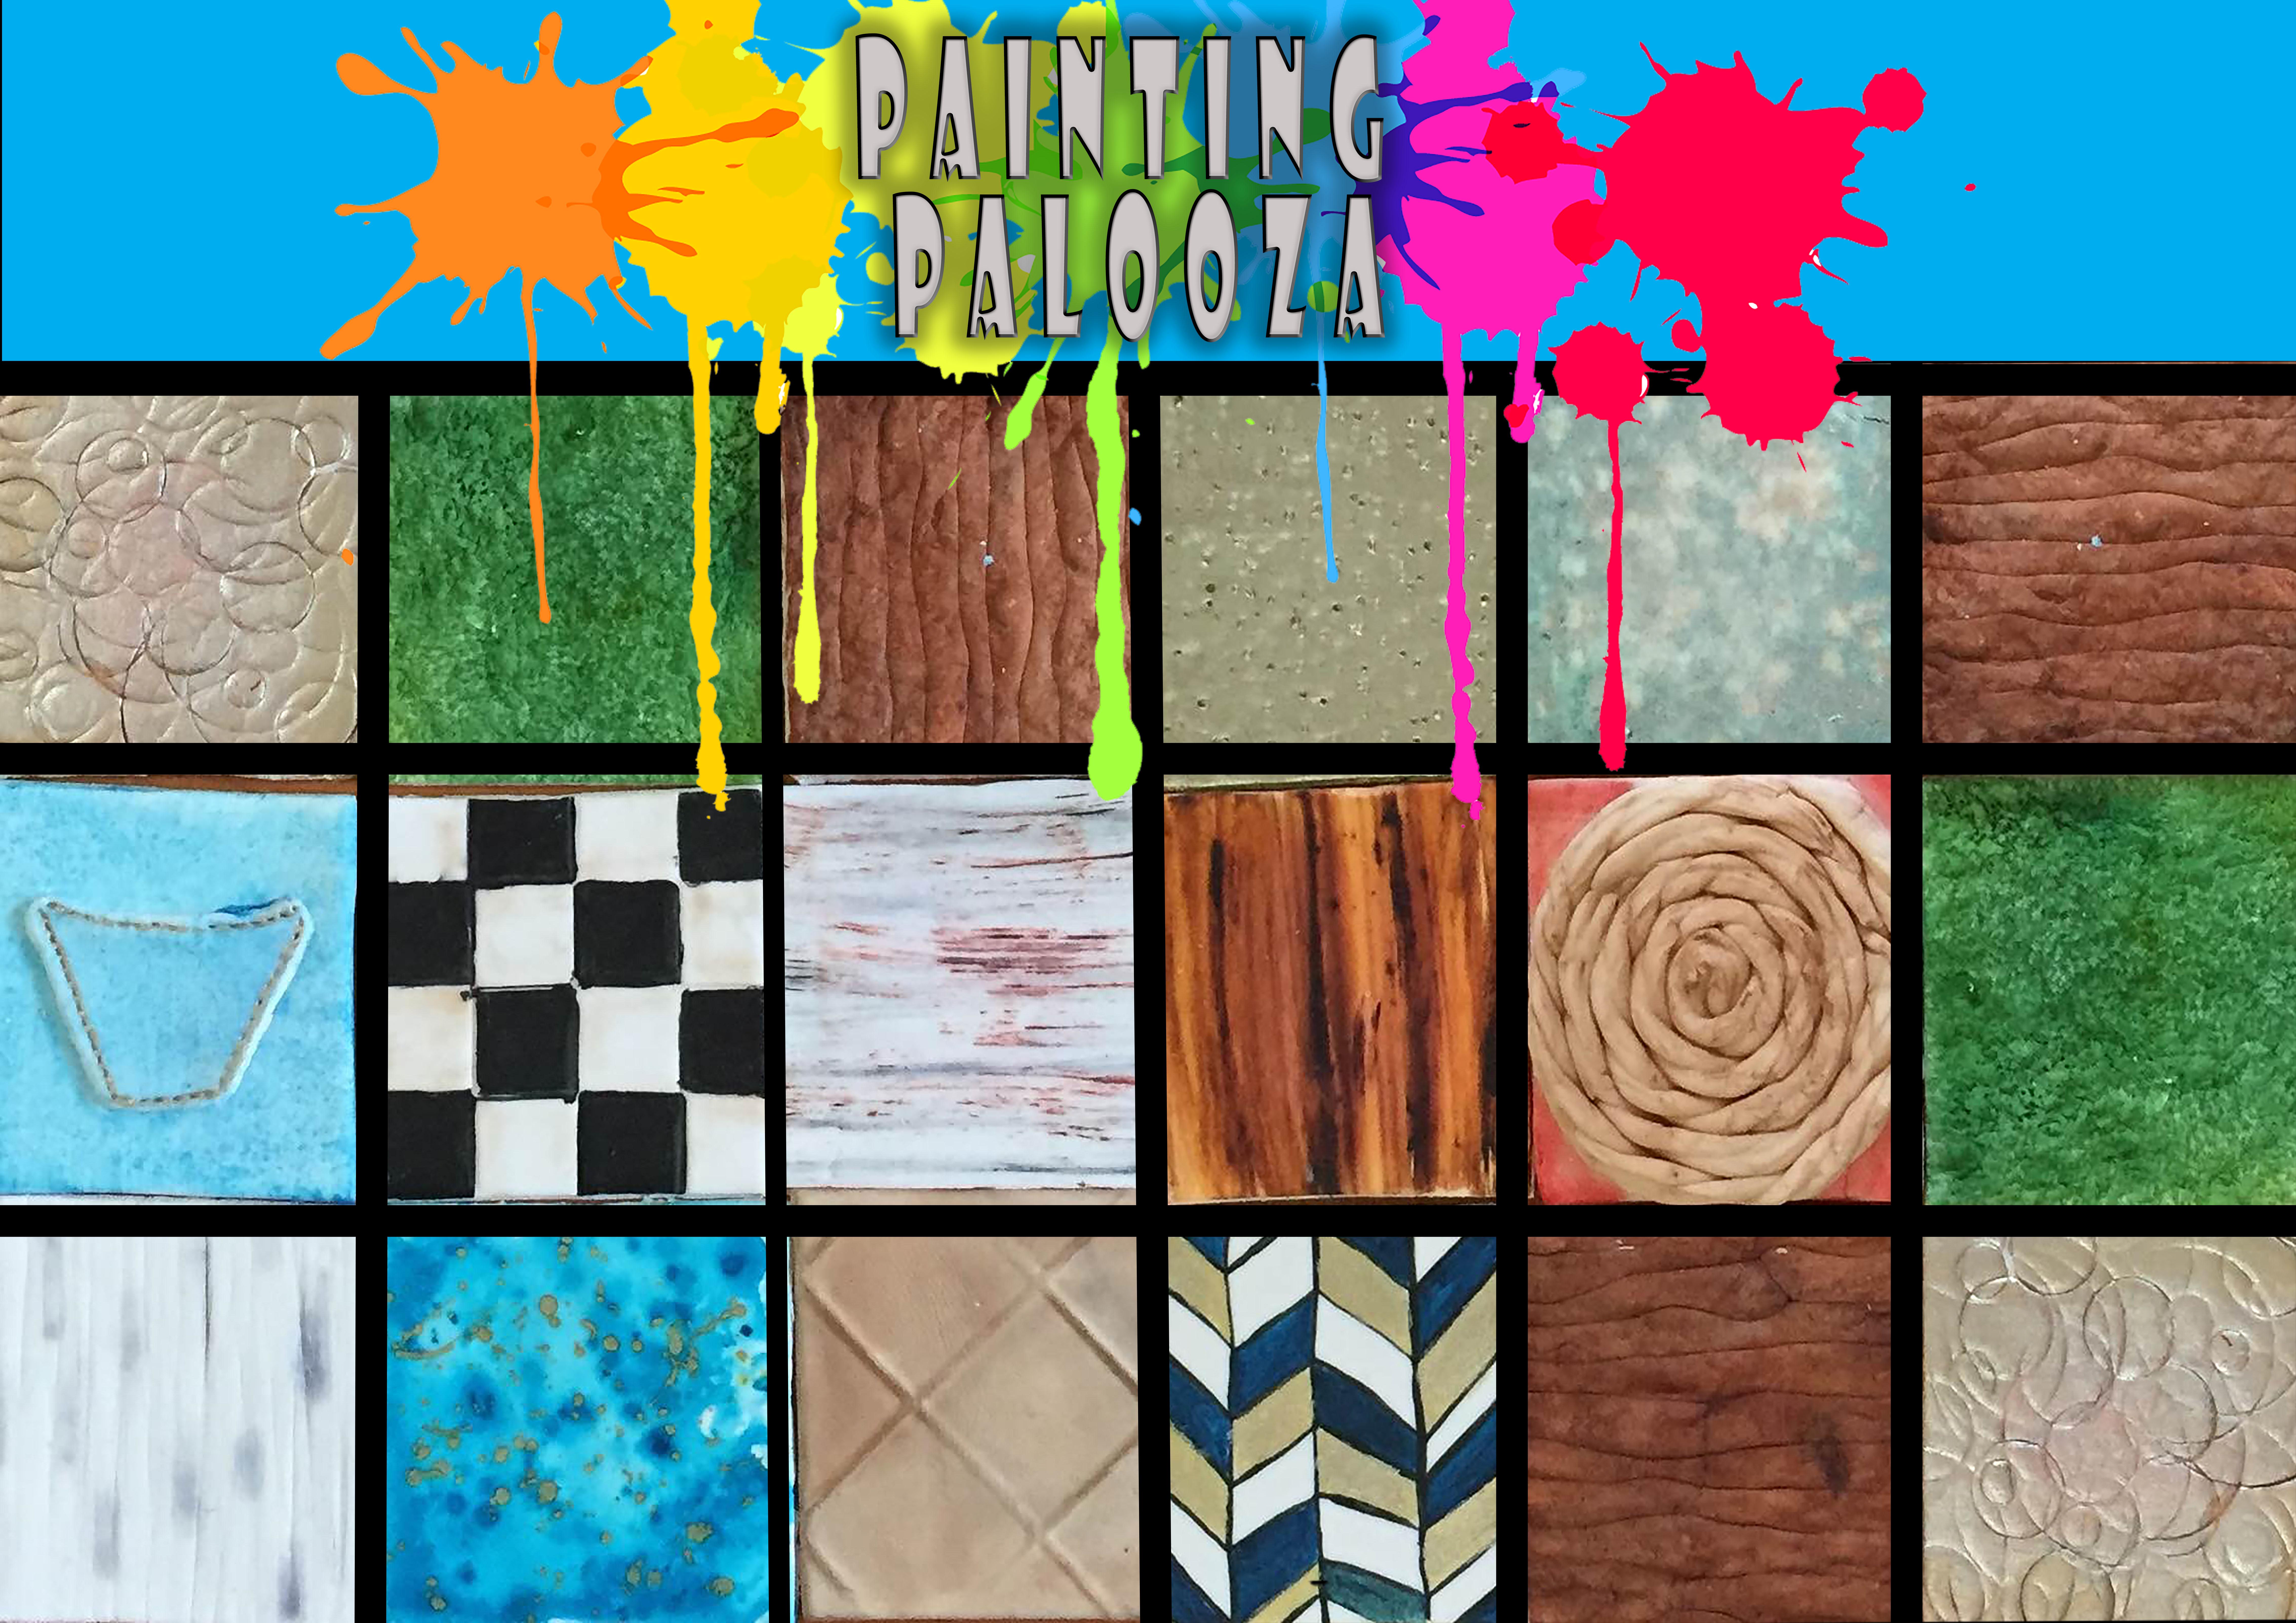 Painting Palooza